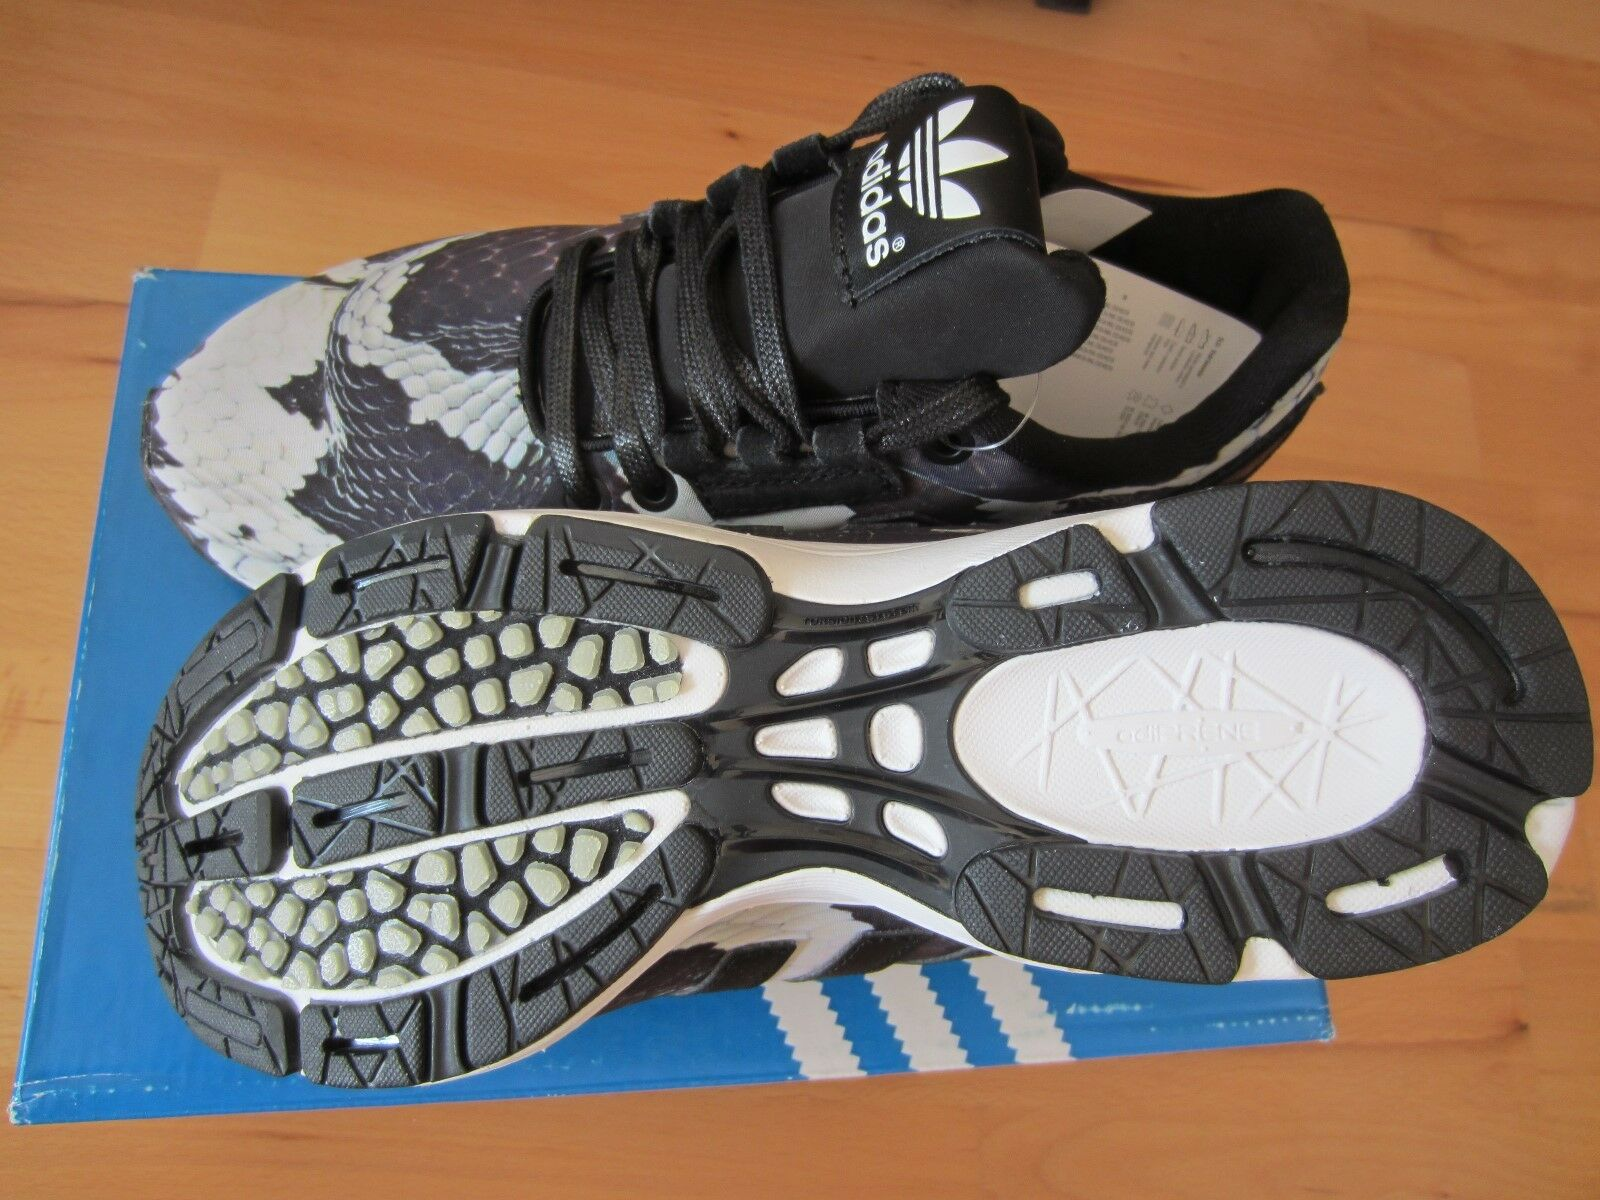 Adidas Originals ZX Flux Tech W S81526 Damen Sneakers Gr.36 NEU 2/3 und 37 1/3. NEU Gr.36 2cf0d3